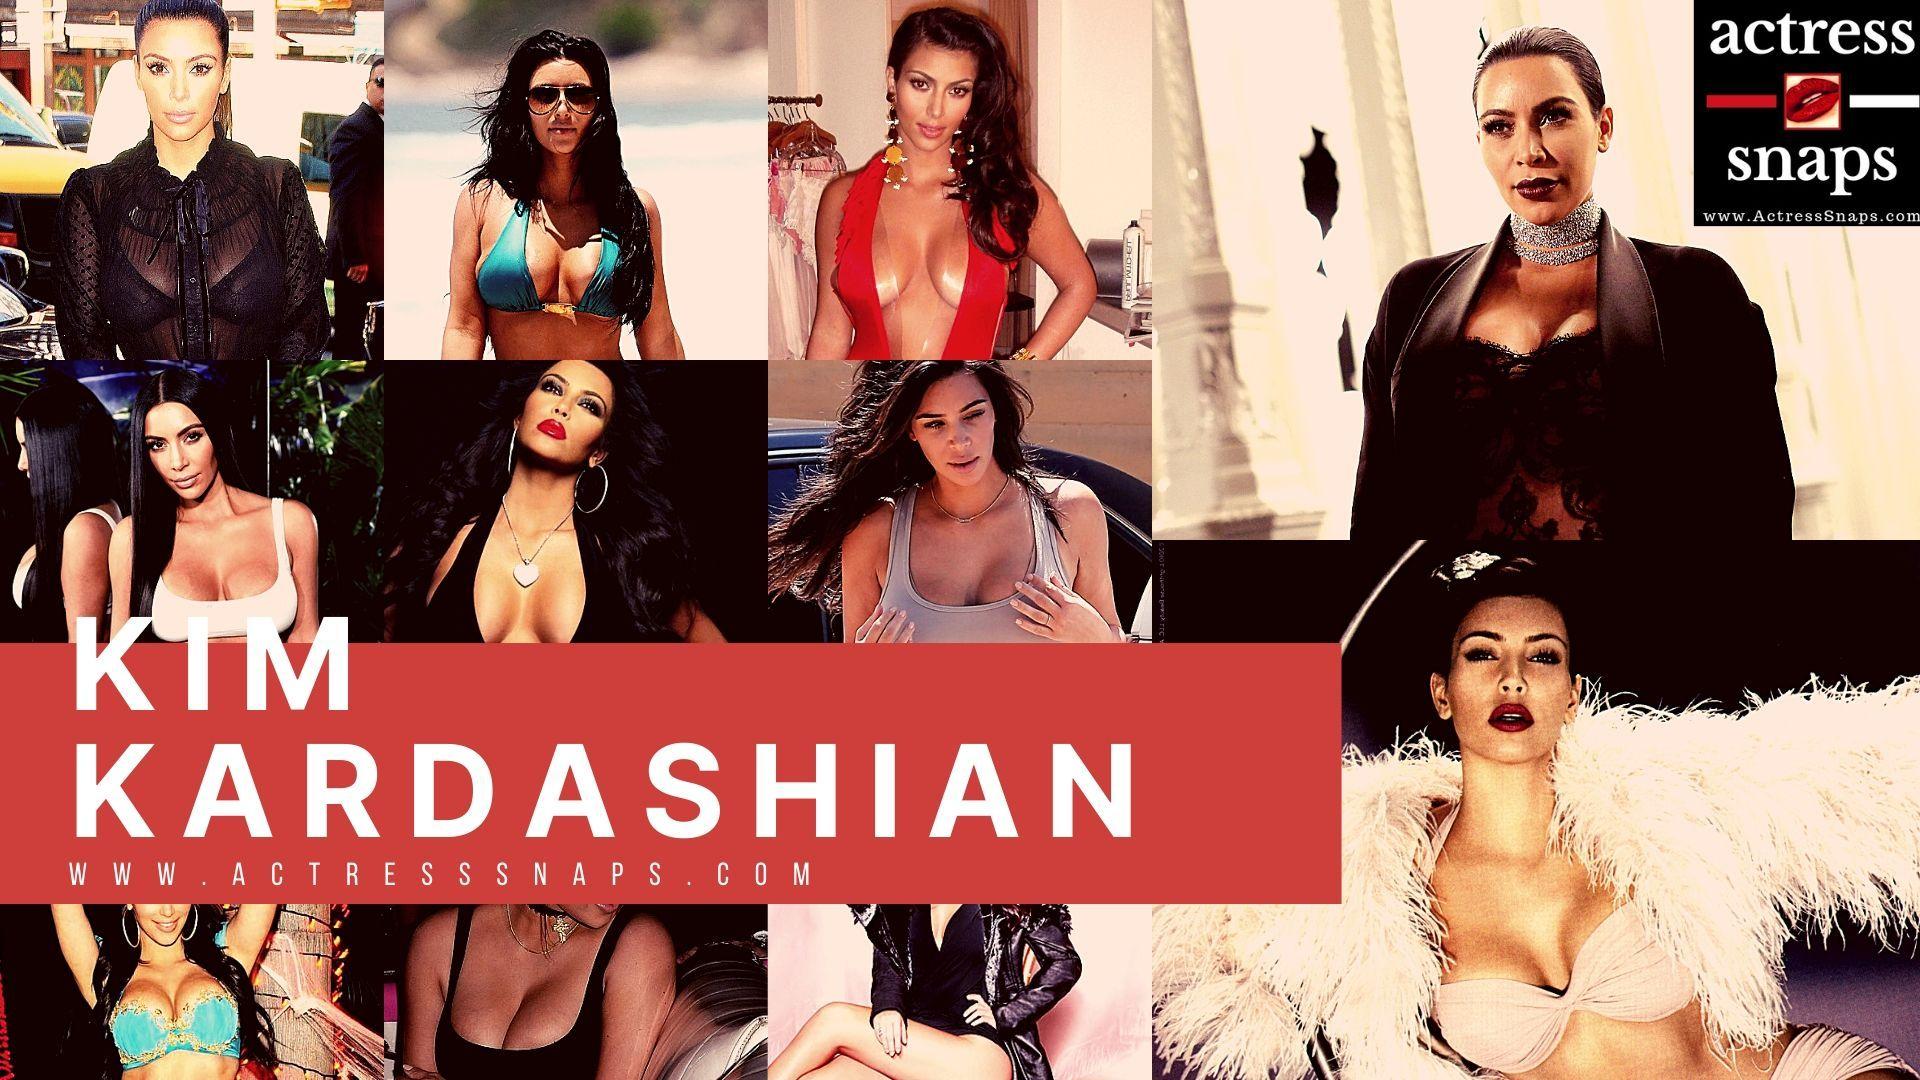 Kim Kardashian - Sexy Rare Photos - Sexy Actress Pictures   Hot Actress Pictures - ActressSnaps.com